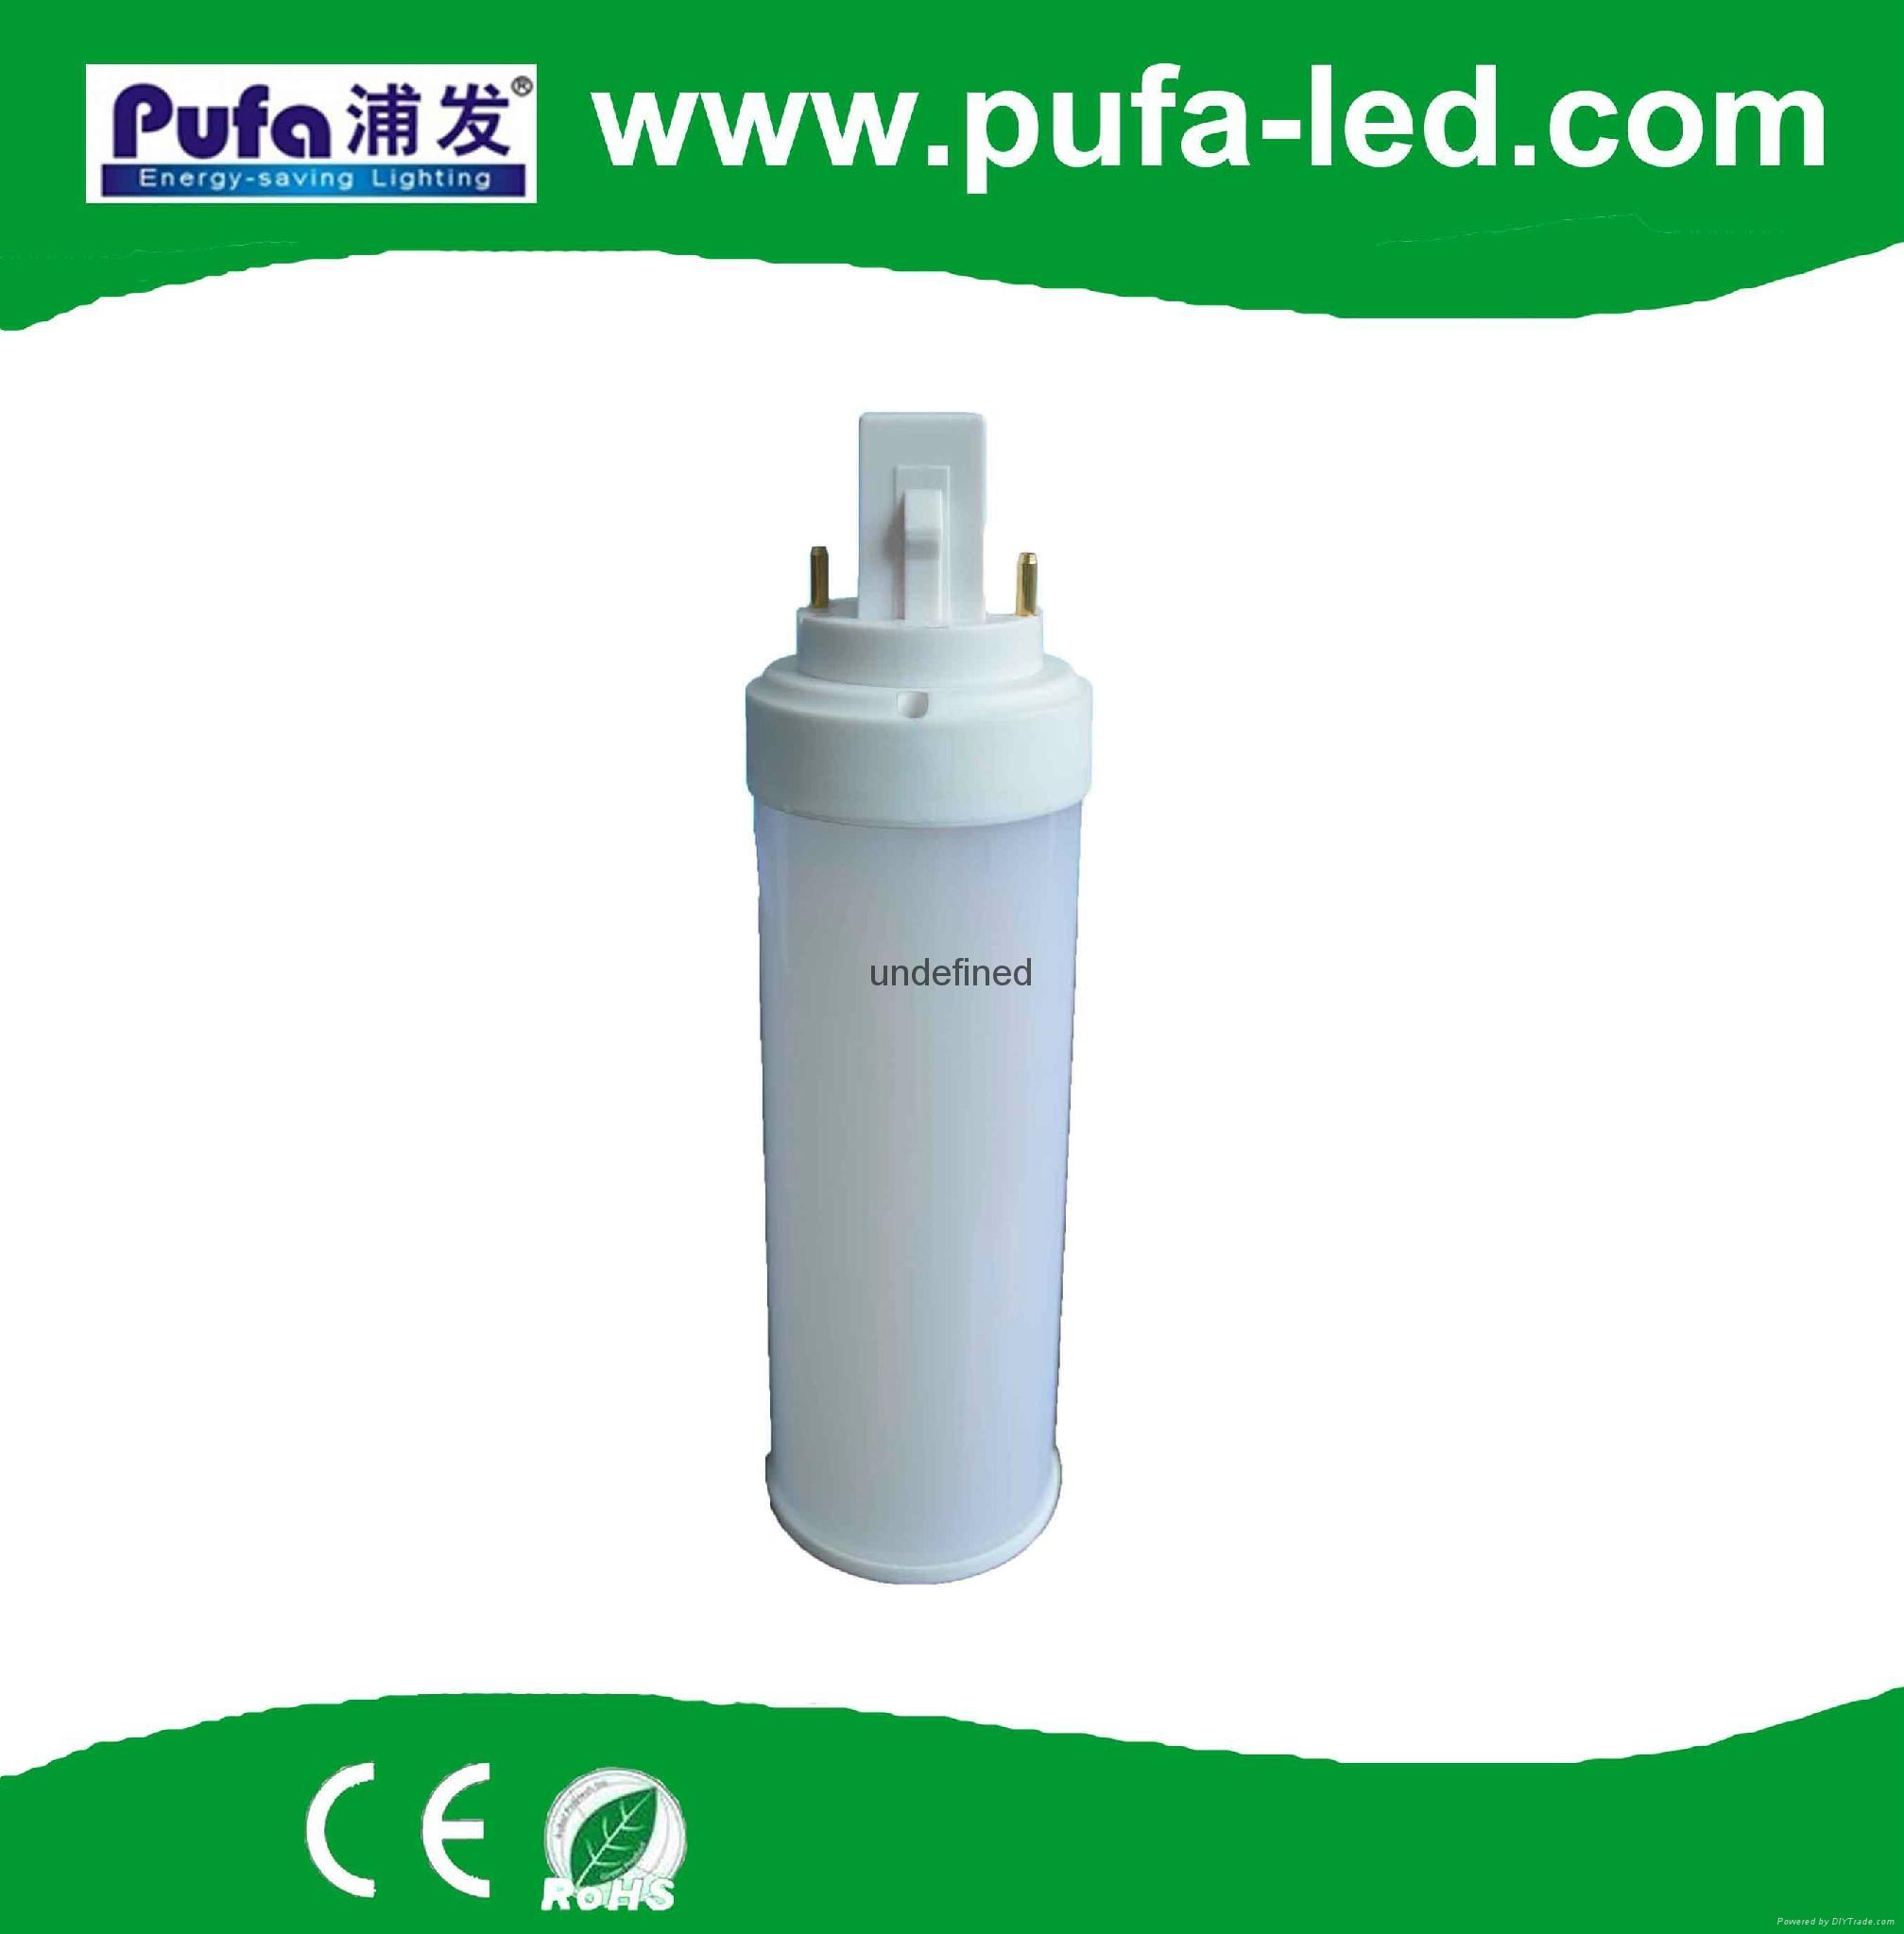 G24 PL LED 插拔灯 9W 1